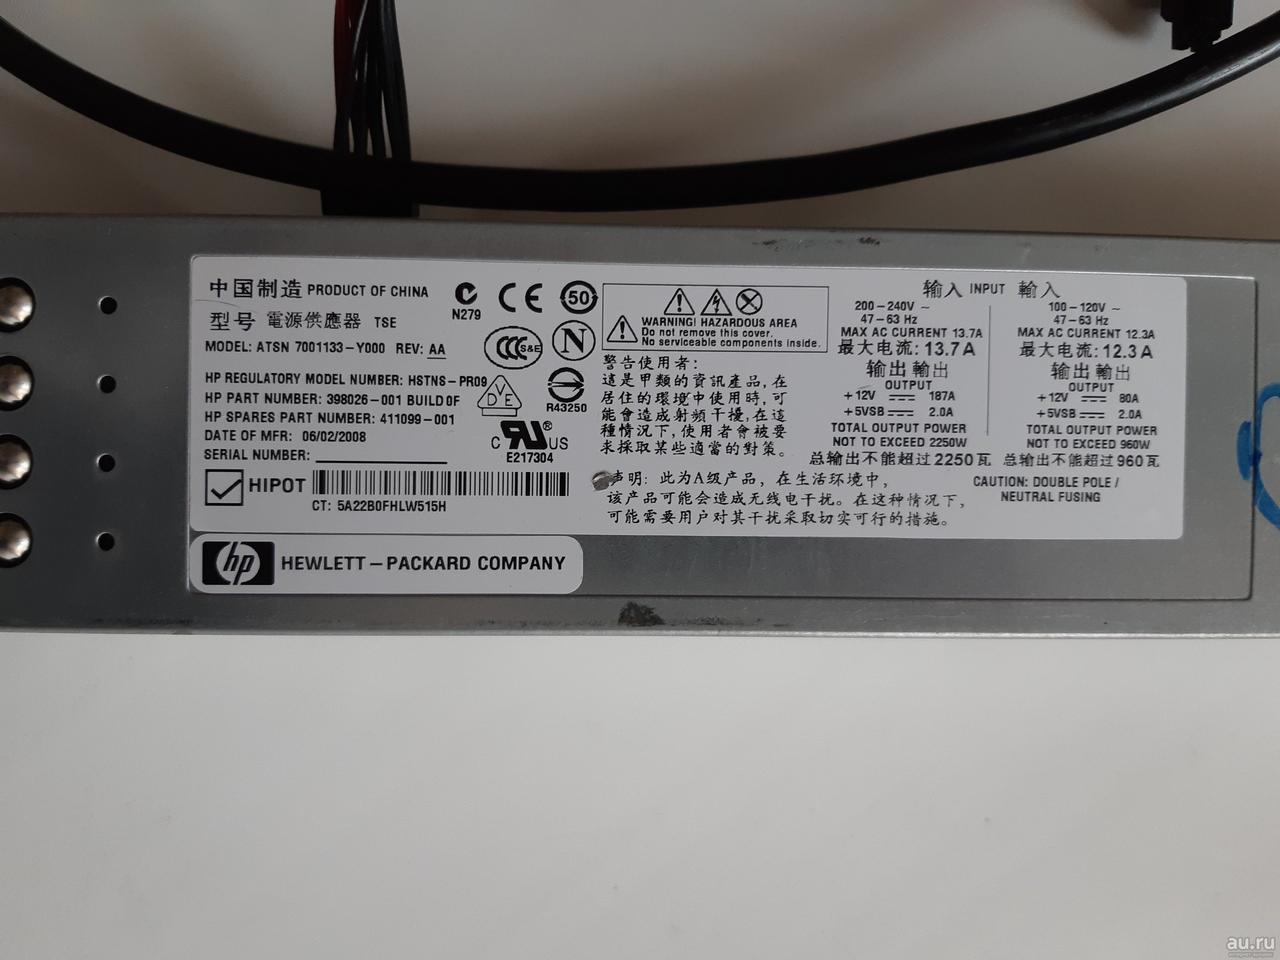 Блок питания для майнера GPU фермы ASIC HP (ATSN 7001133-Y000)(HSTNS-PR09) 2250Вт